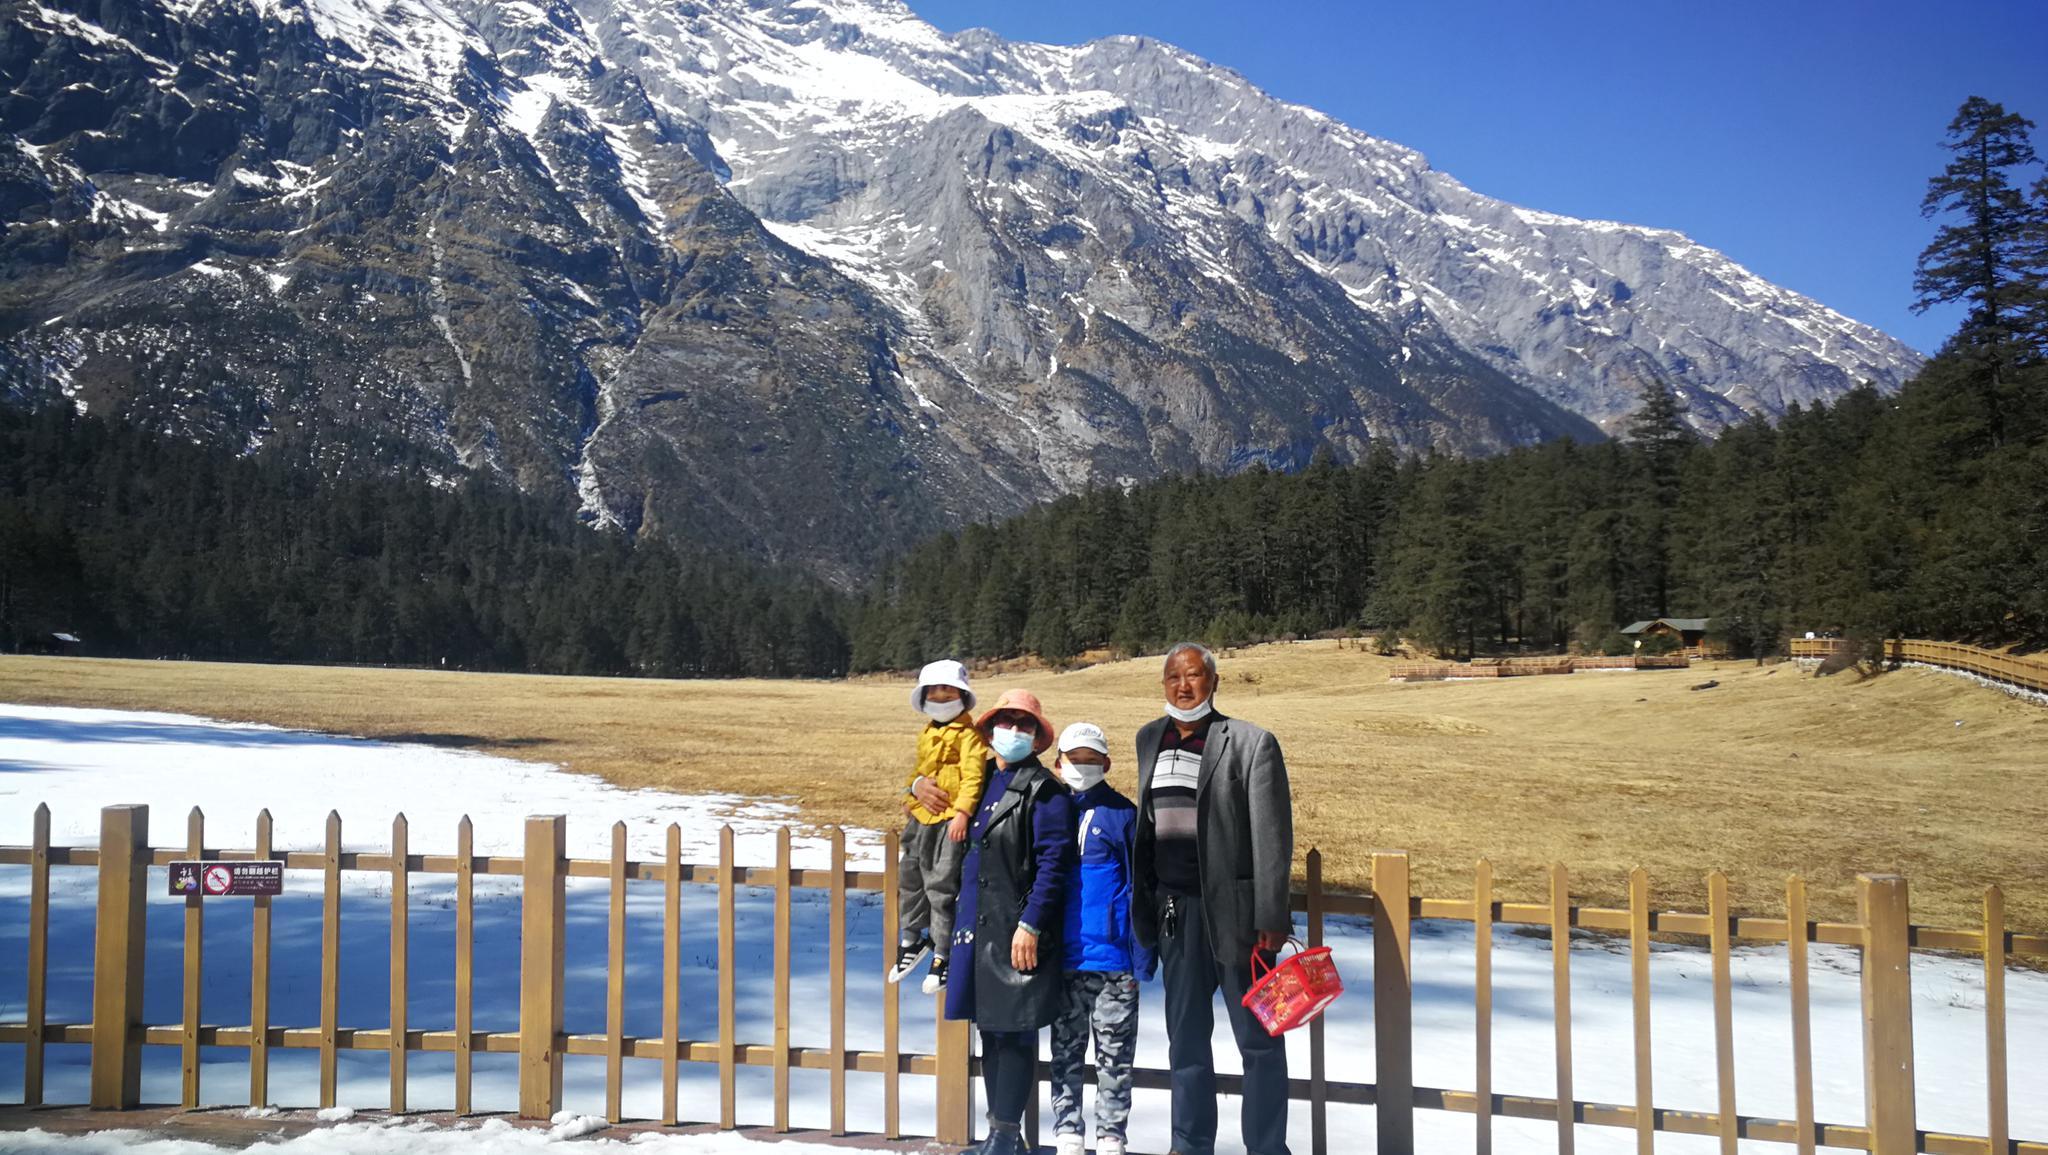 旅客在雪山脚下合影